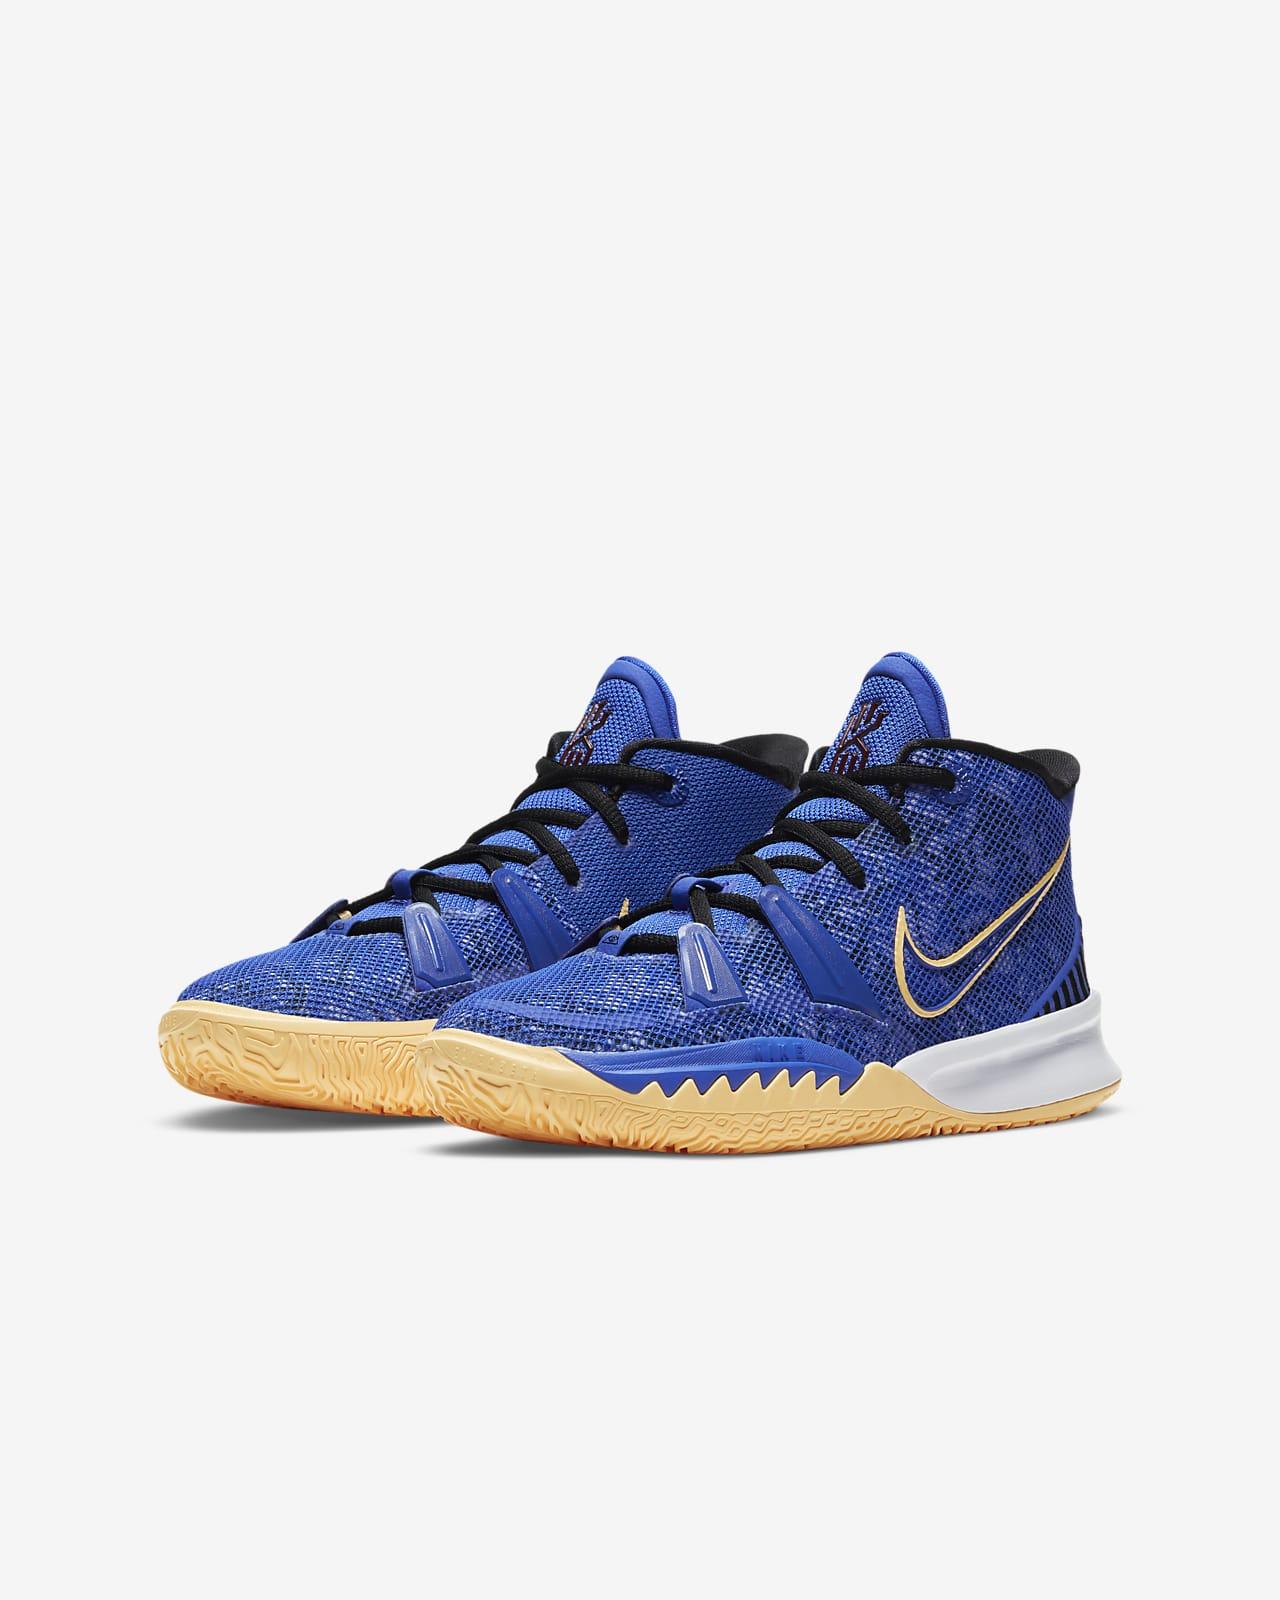 Kyrie 7 Big Kids' Basketball Shoe. Nike.com